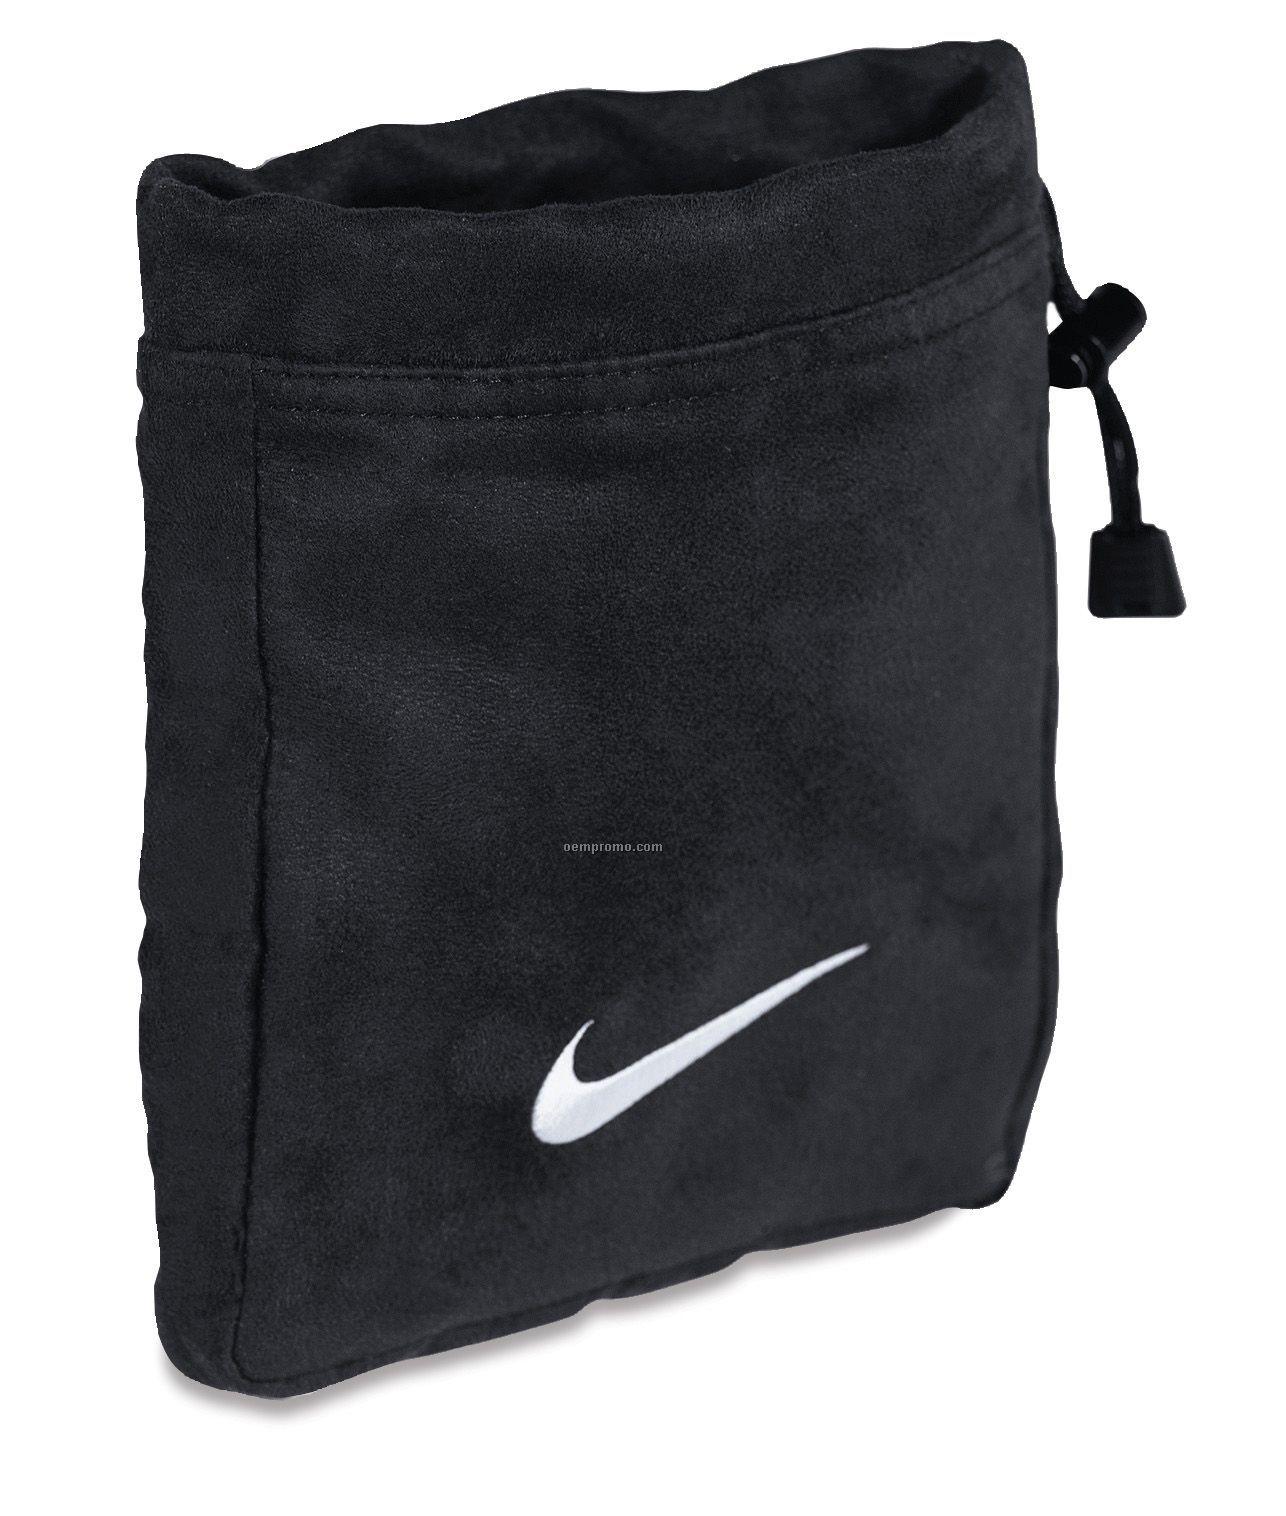 Nike Crush Golf Ball 2011 3 Pack Drawstring Pouch